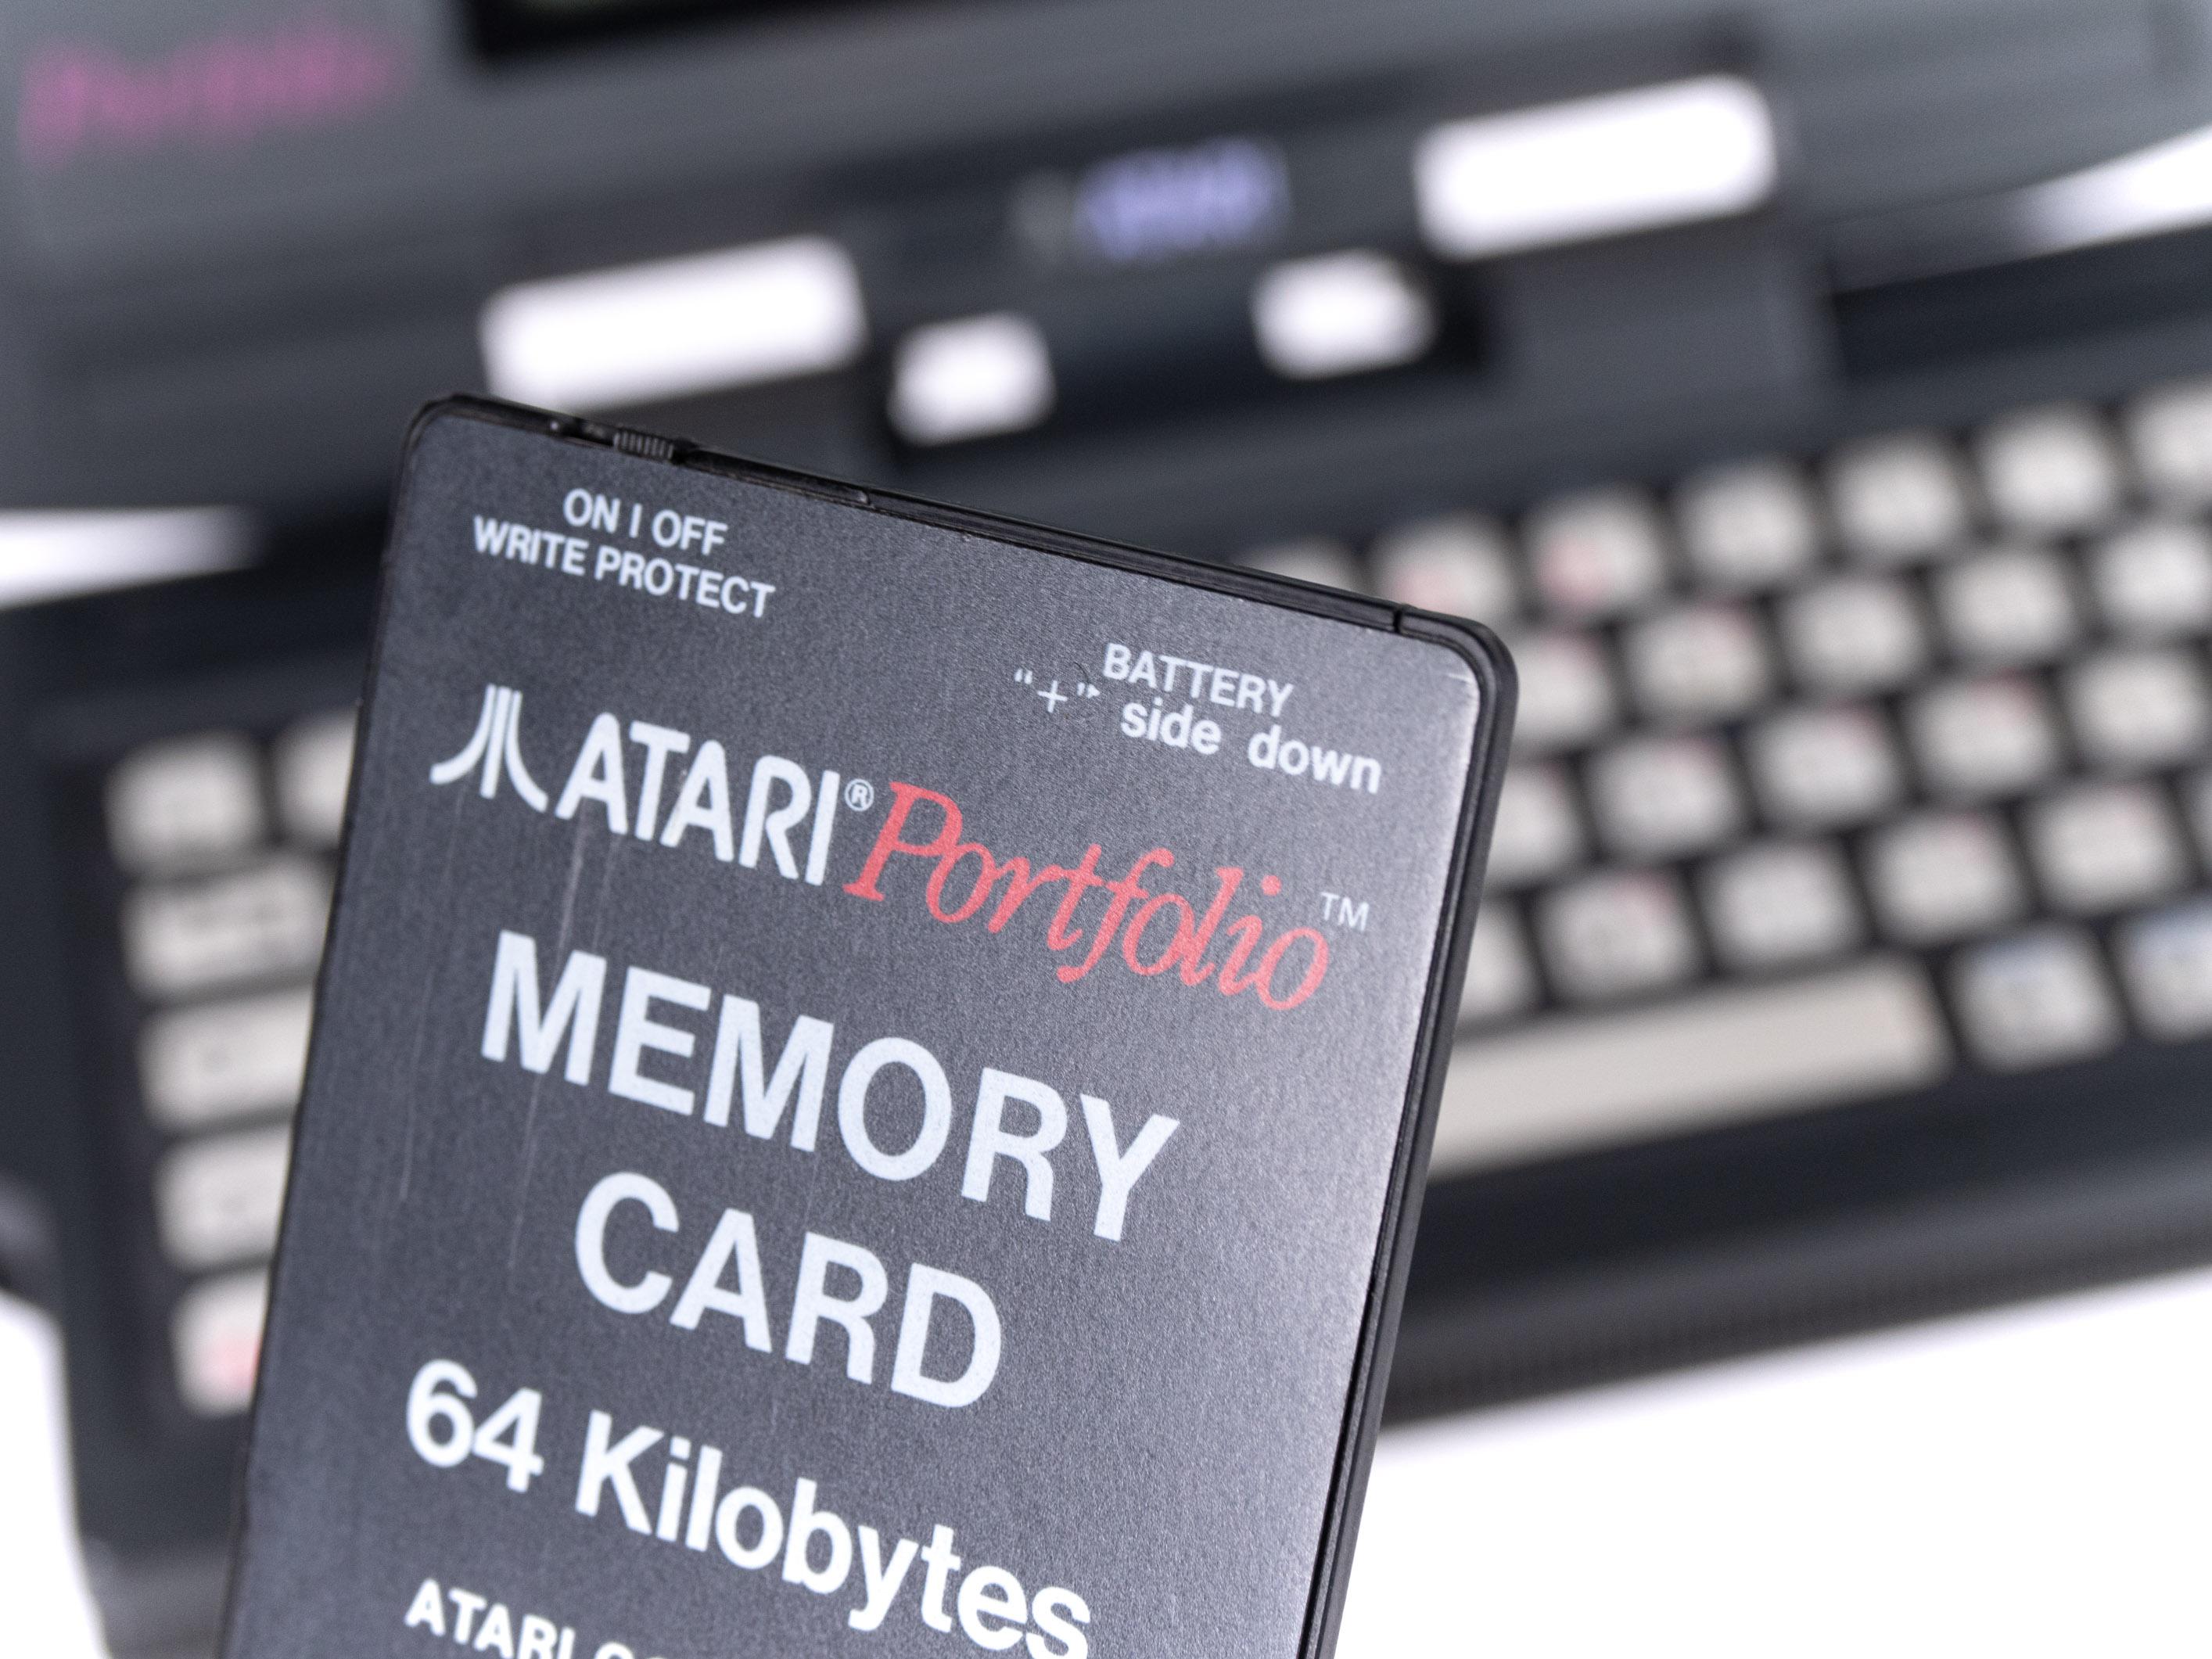 Atari Portfolio im Retrotest: Endlich können wir unterwegs arbeiten! - Unsere Memory Card hat 64 KByte Speicher. (Bild: Martin Wolf/Golem.de)